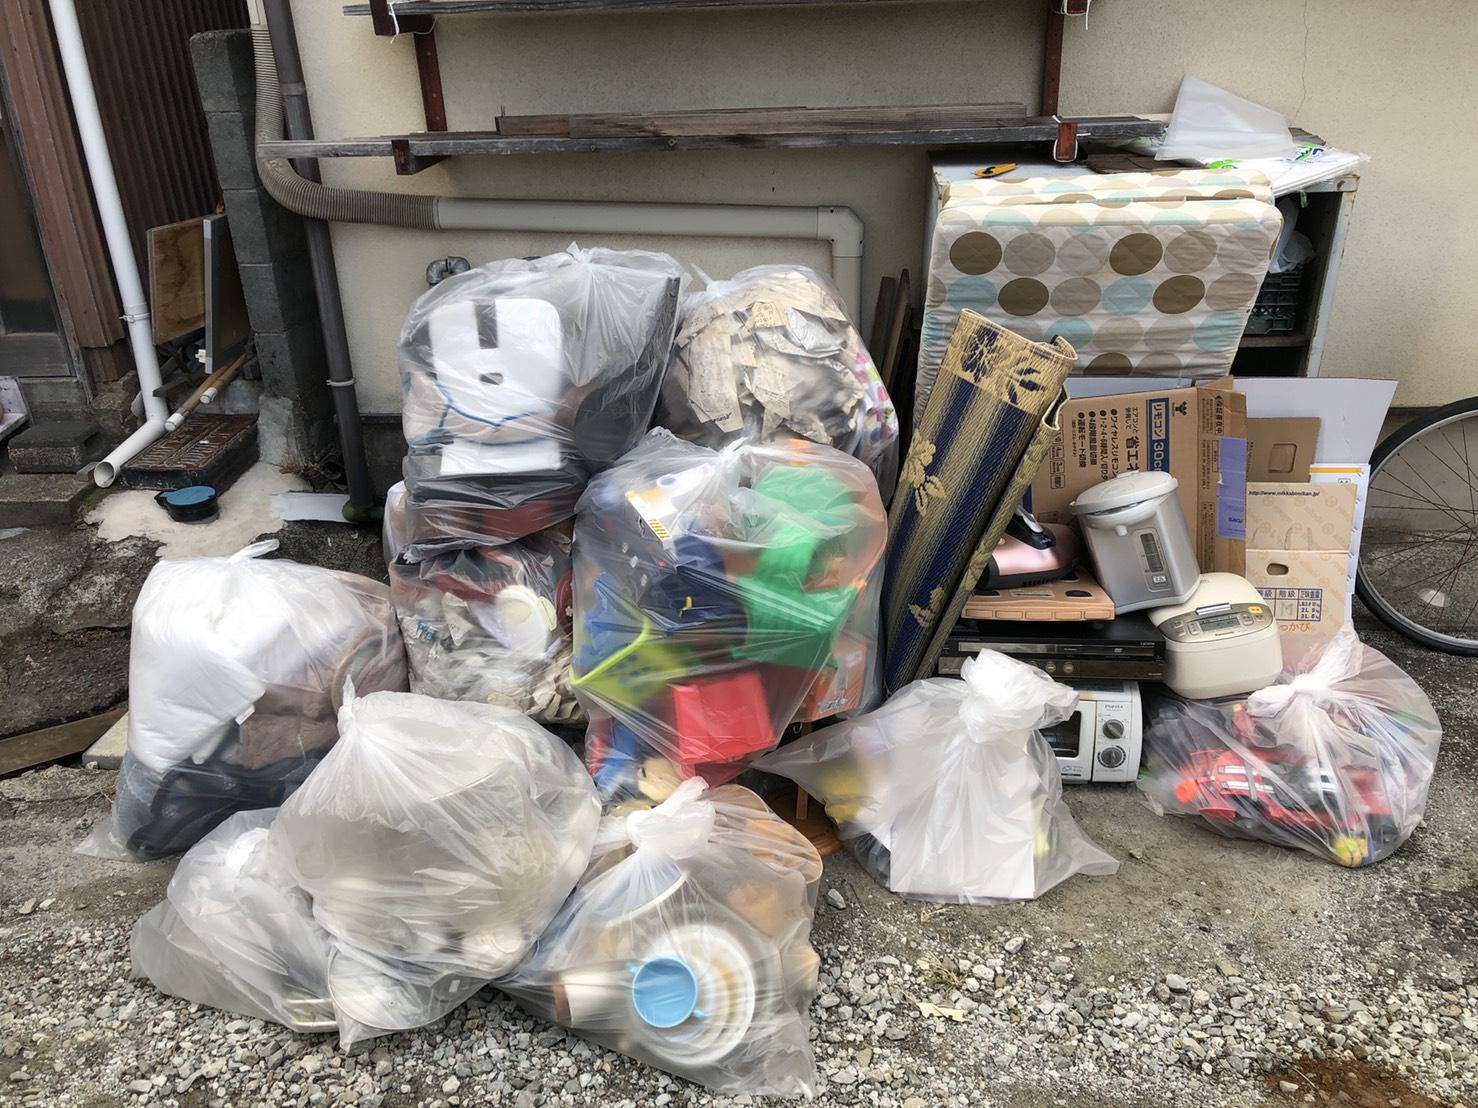 炊飯器、電気ポット、トースター、衣類の回収前